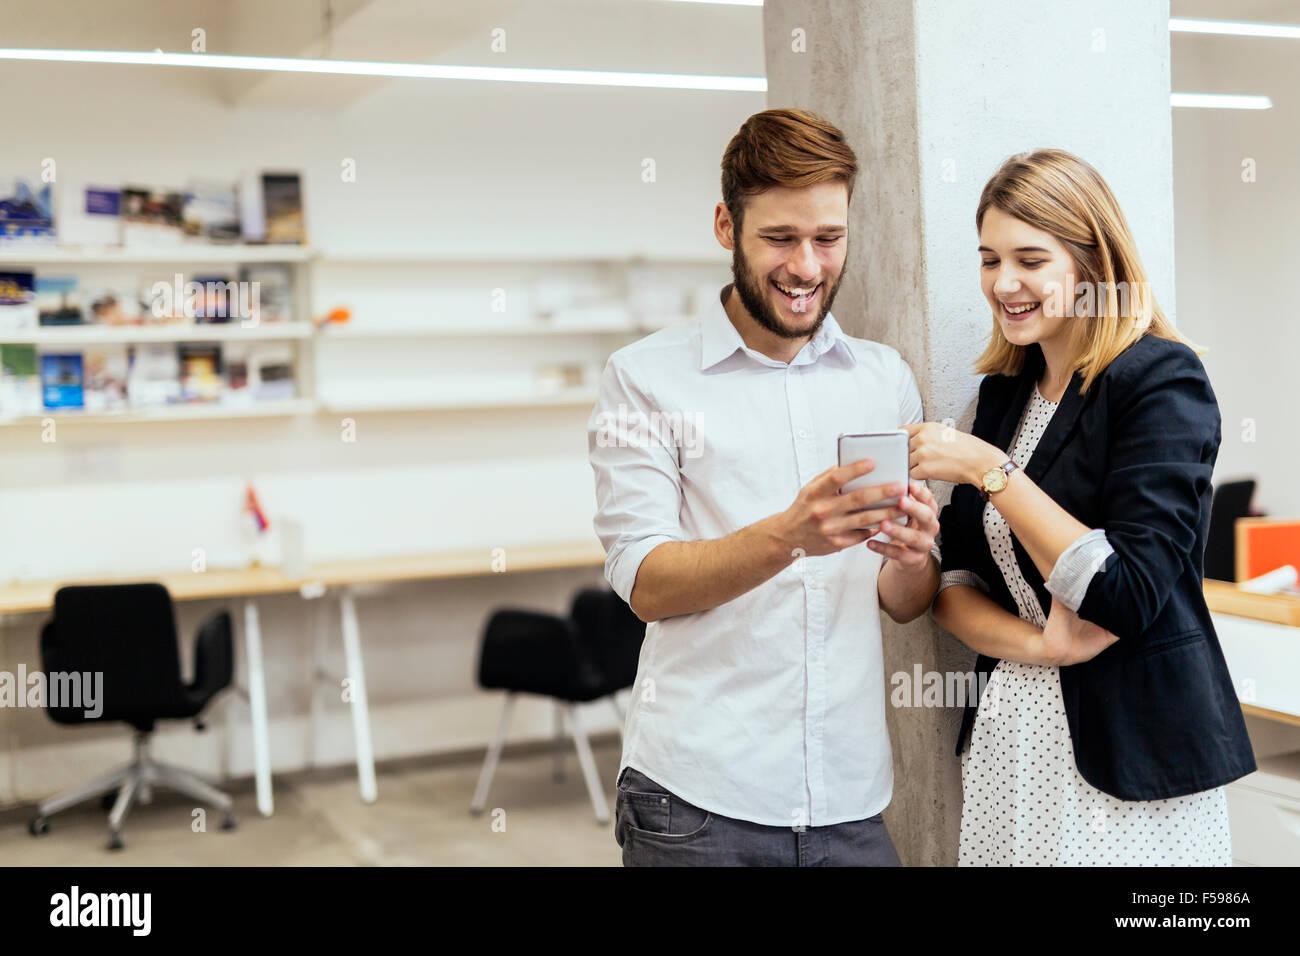 Deux collègues en souriant tout en regardant le téléphone dans un beau bureau Photo Stock